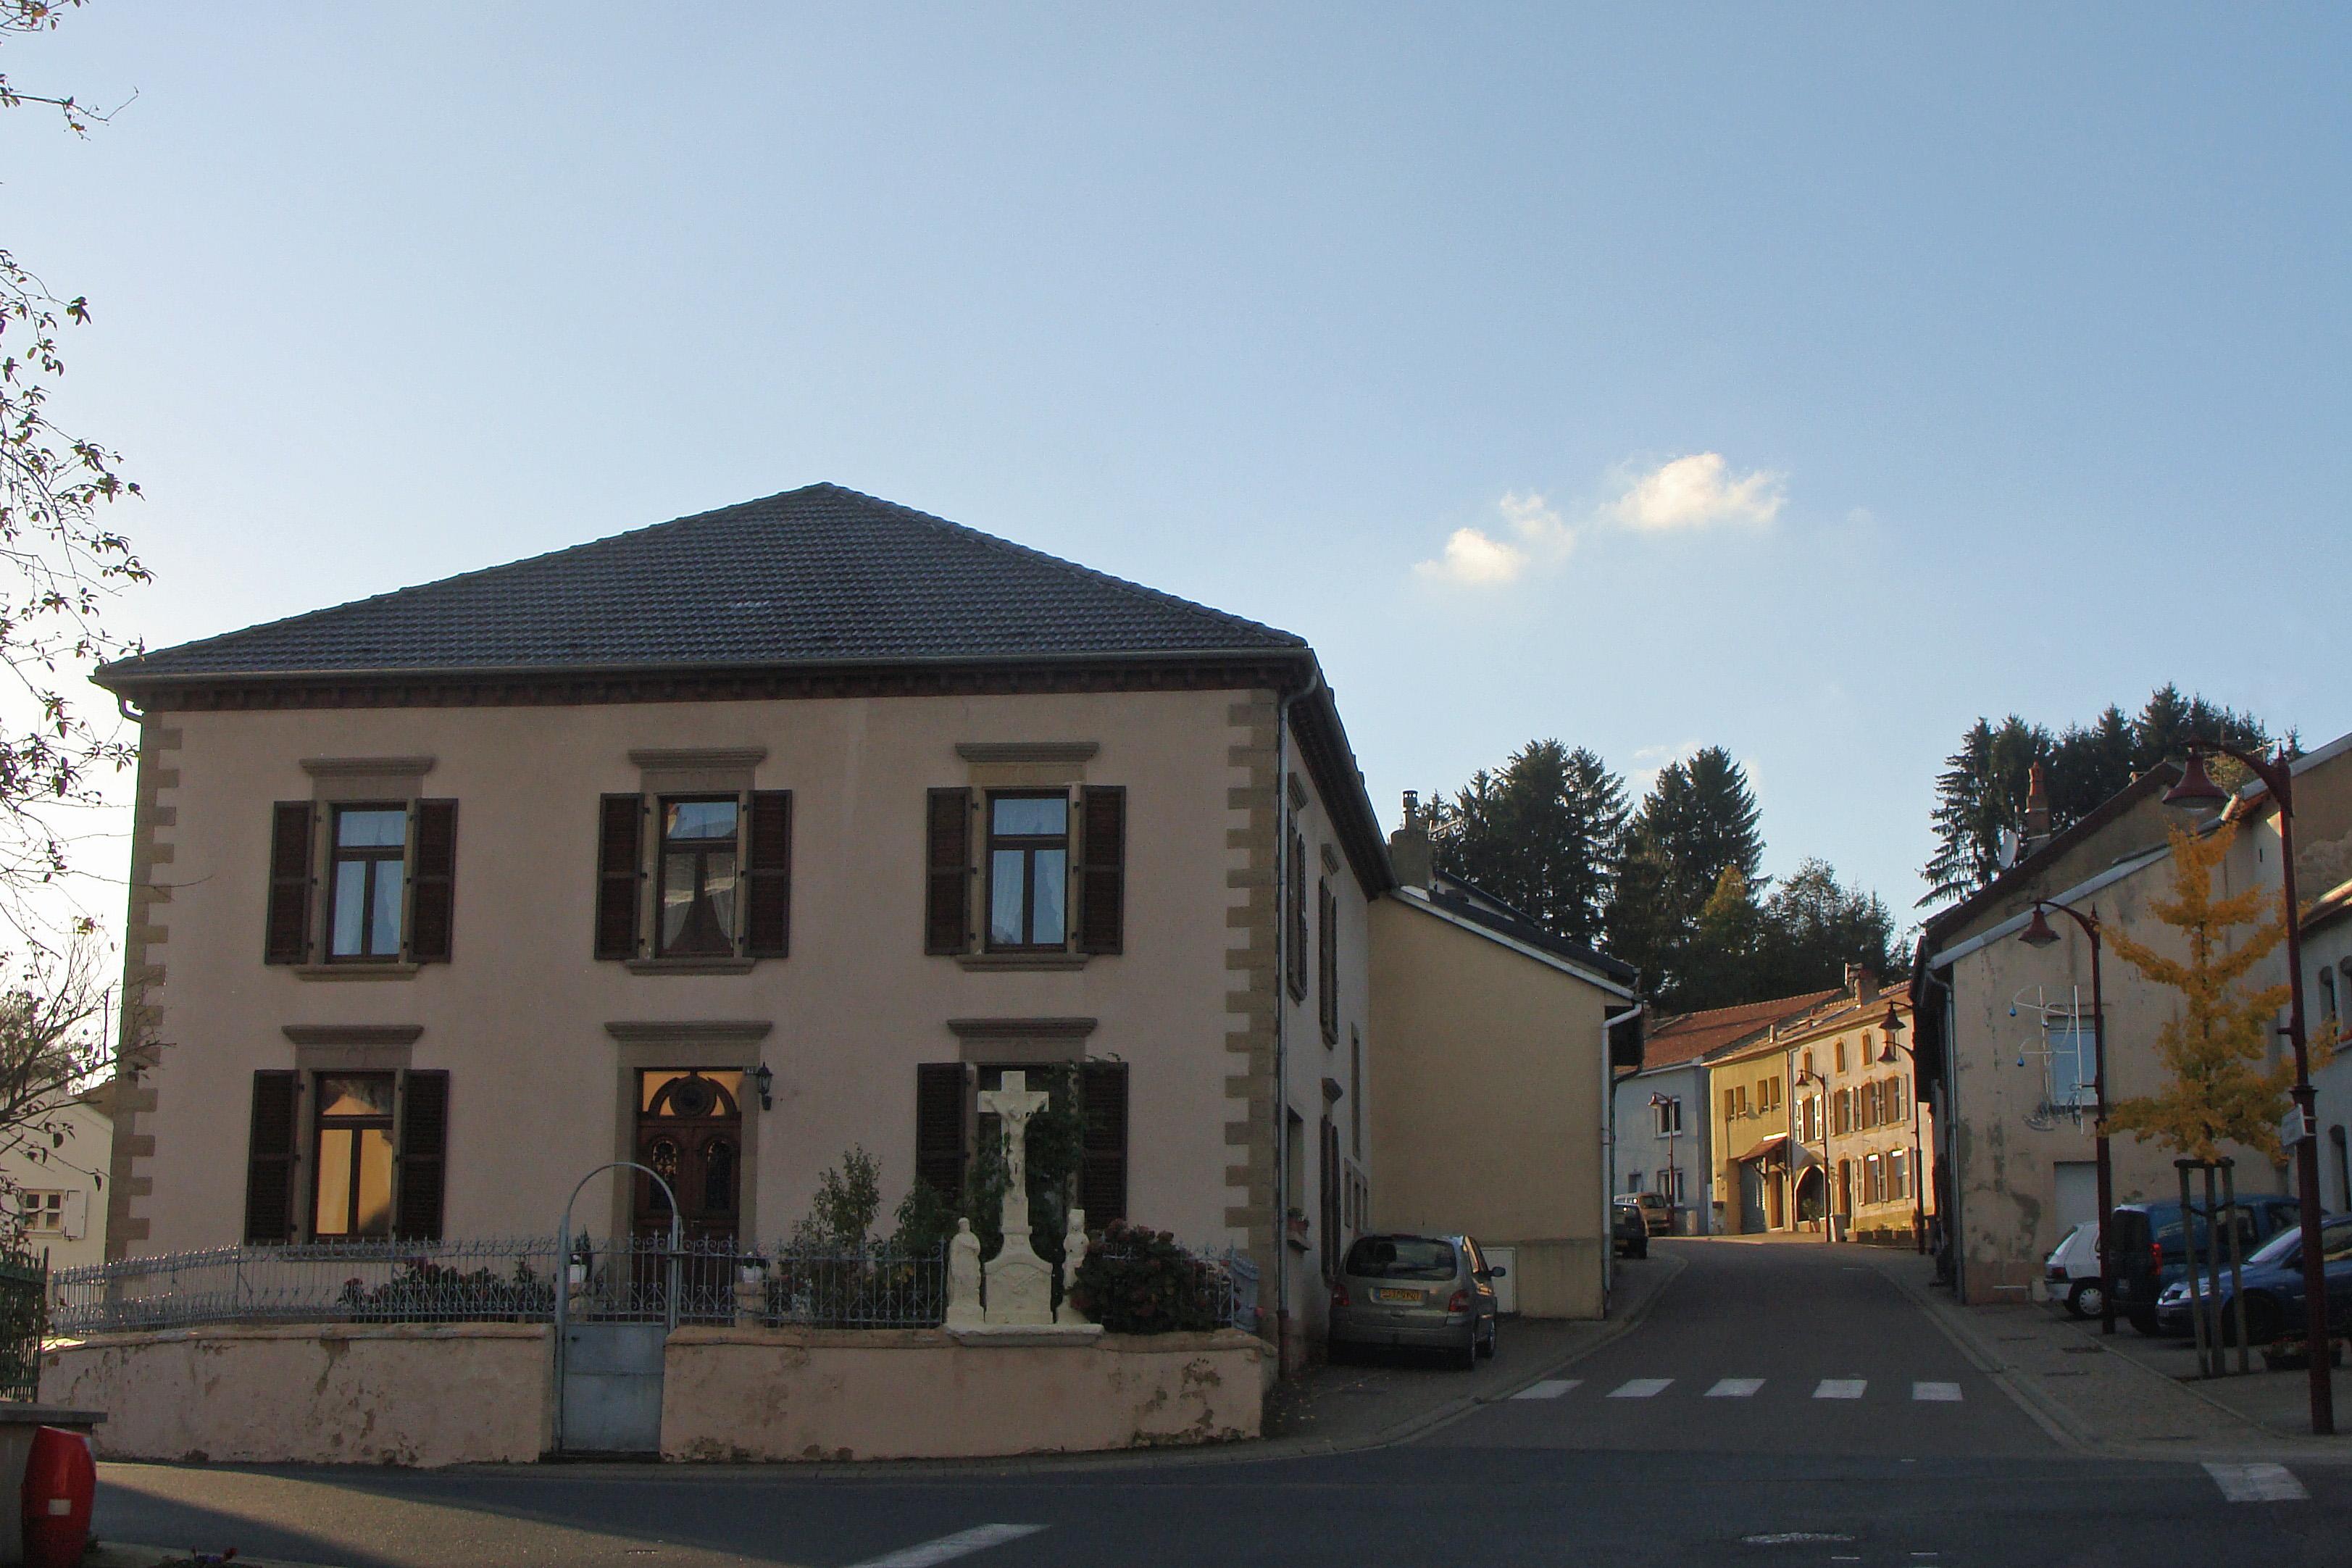 fichier:longeville-lès-saint-avold — wikipédia